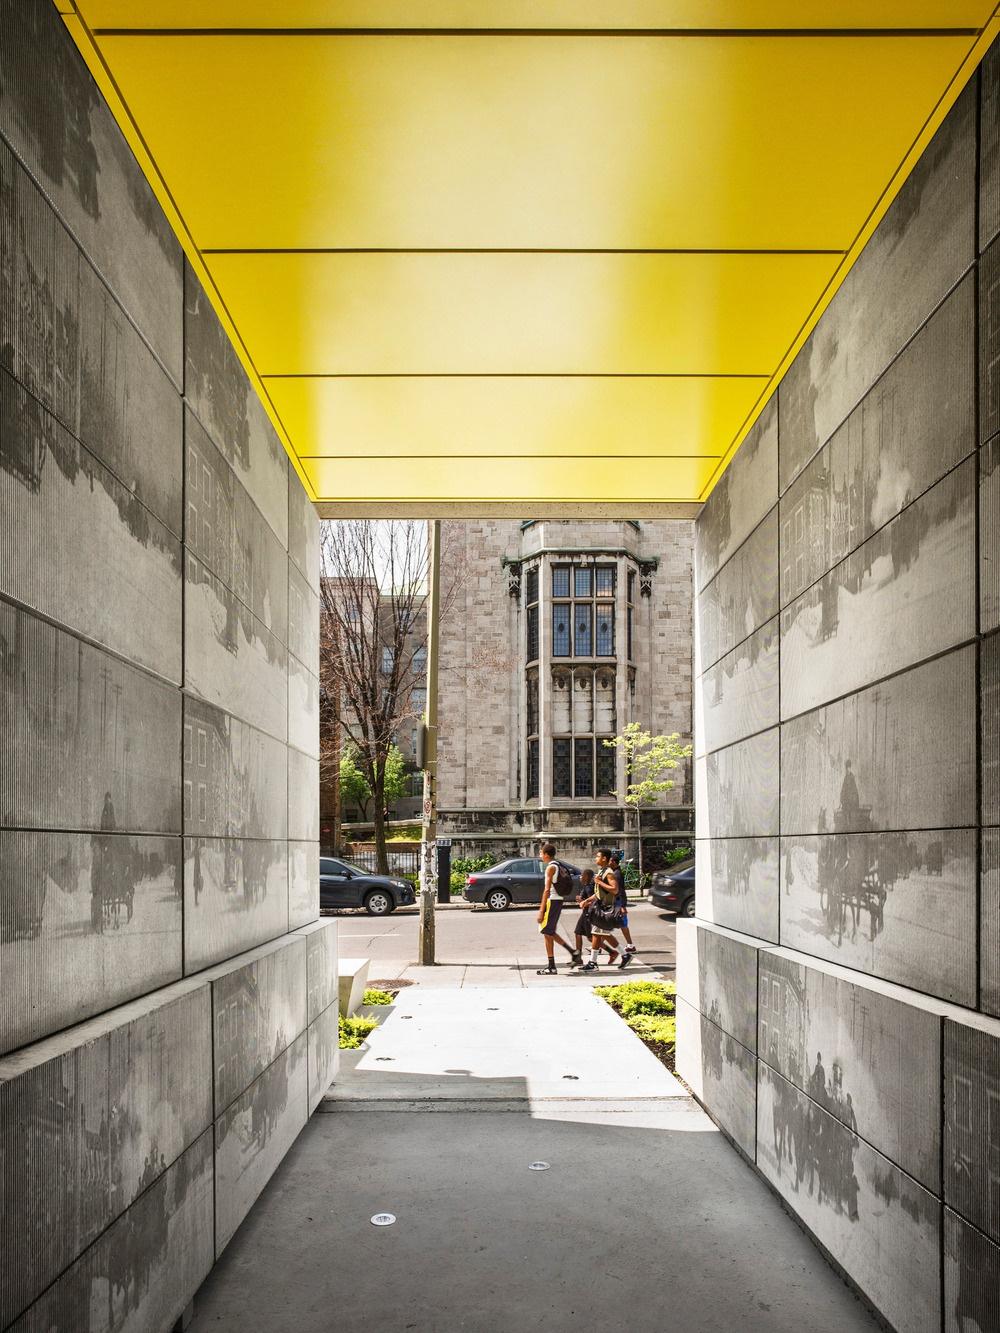 Okrem neutrálnych farieb (sivej a bielej) sa v exteriéri aj interiéri ako oživujúci, osviežujúci prvok objavujú i žlté akcenty – na stenách, strope, podlahe i na fasáde alebo v záhrade.